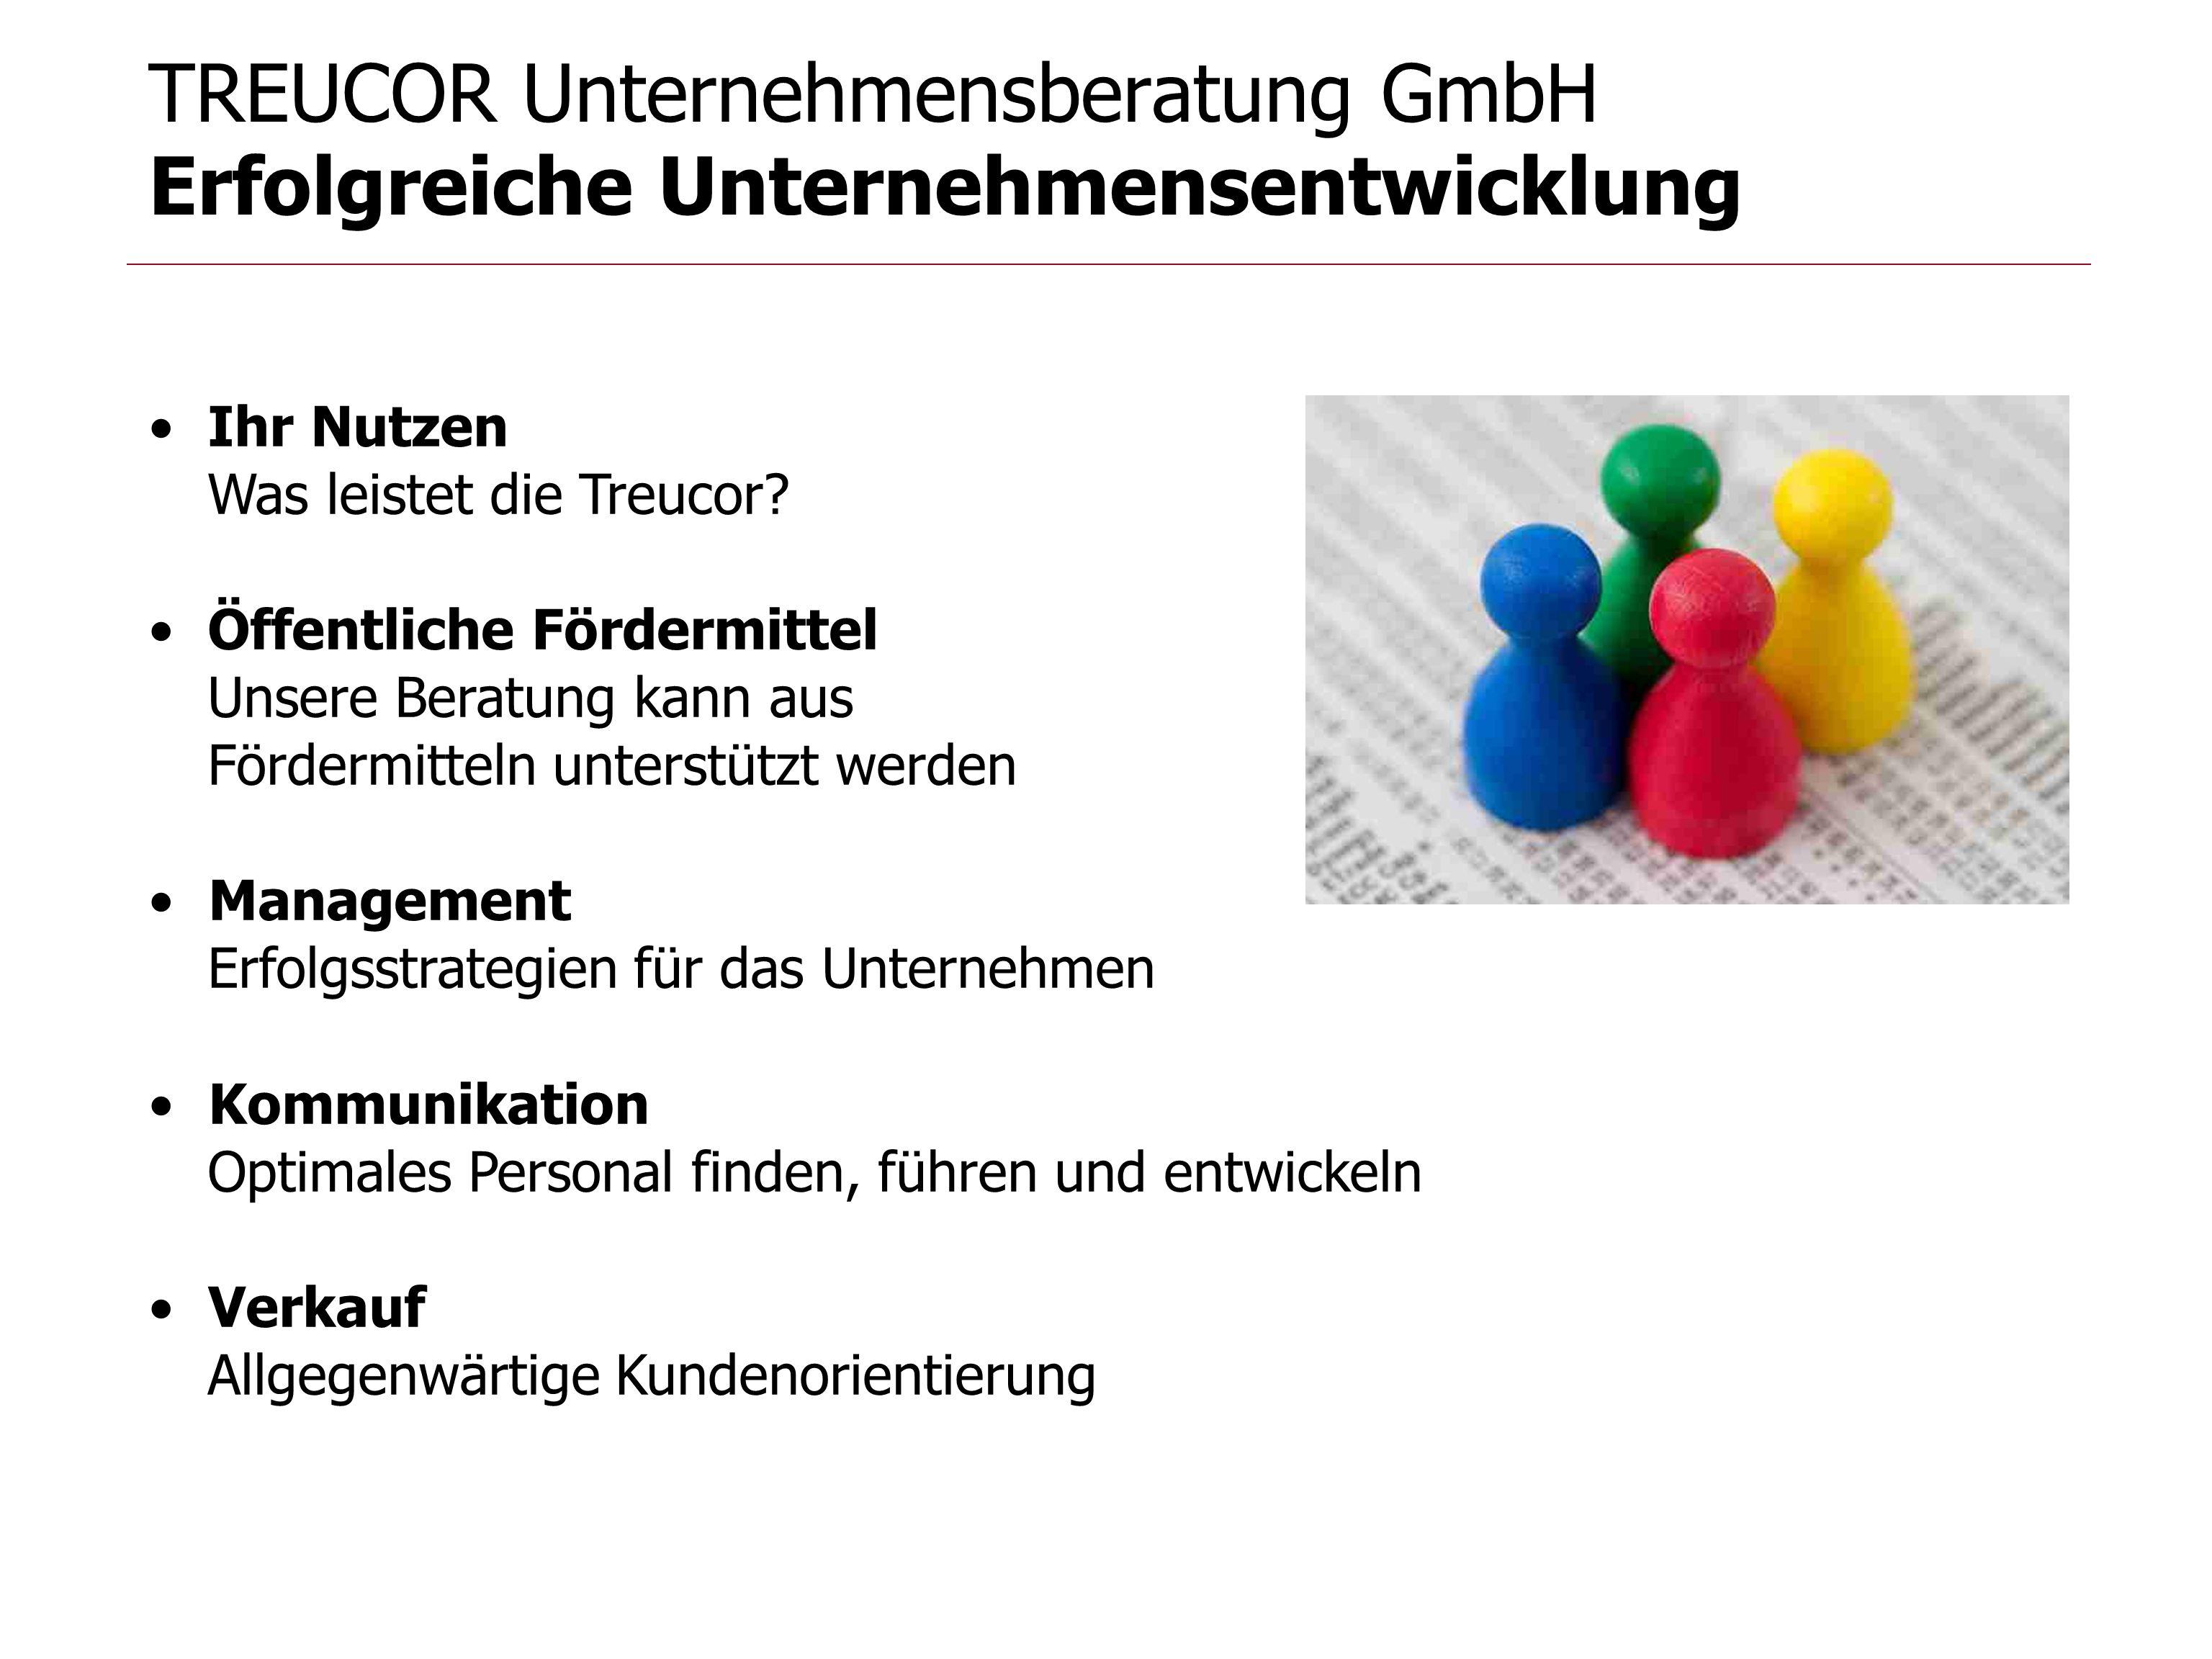 TREUCOR Unternehmensberatung GmbH Erfolgreiche Unternehmensentwicklung